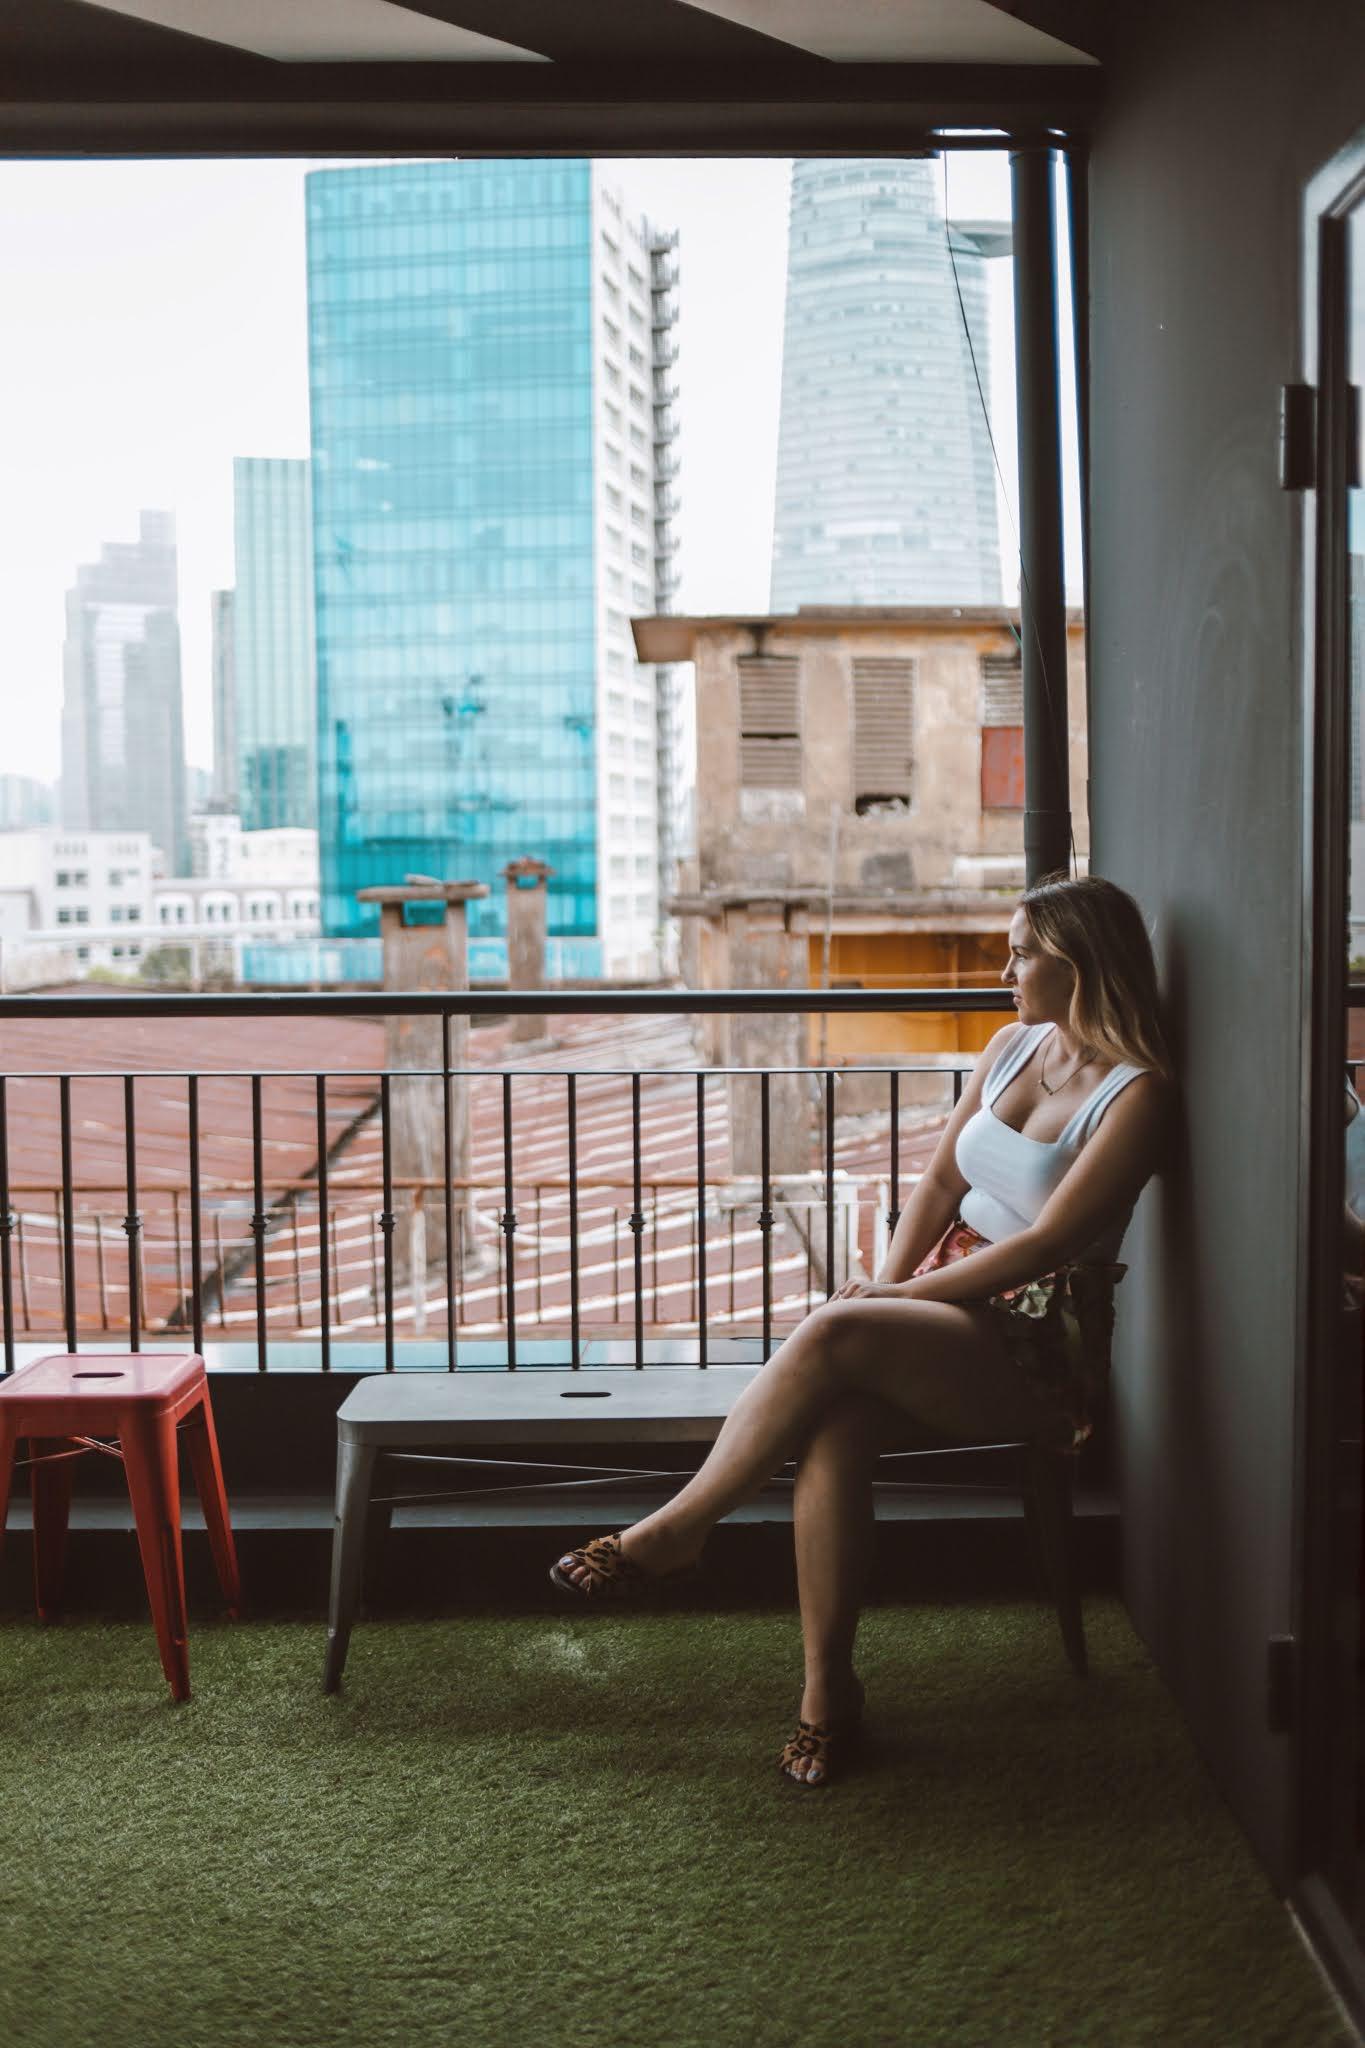 Alyshia Turchyn is seen in a photo during her staycation in Ho Chi Minh City. Photo: alyshiaturchyn.com